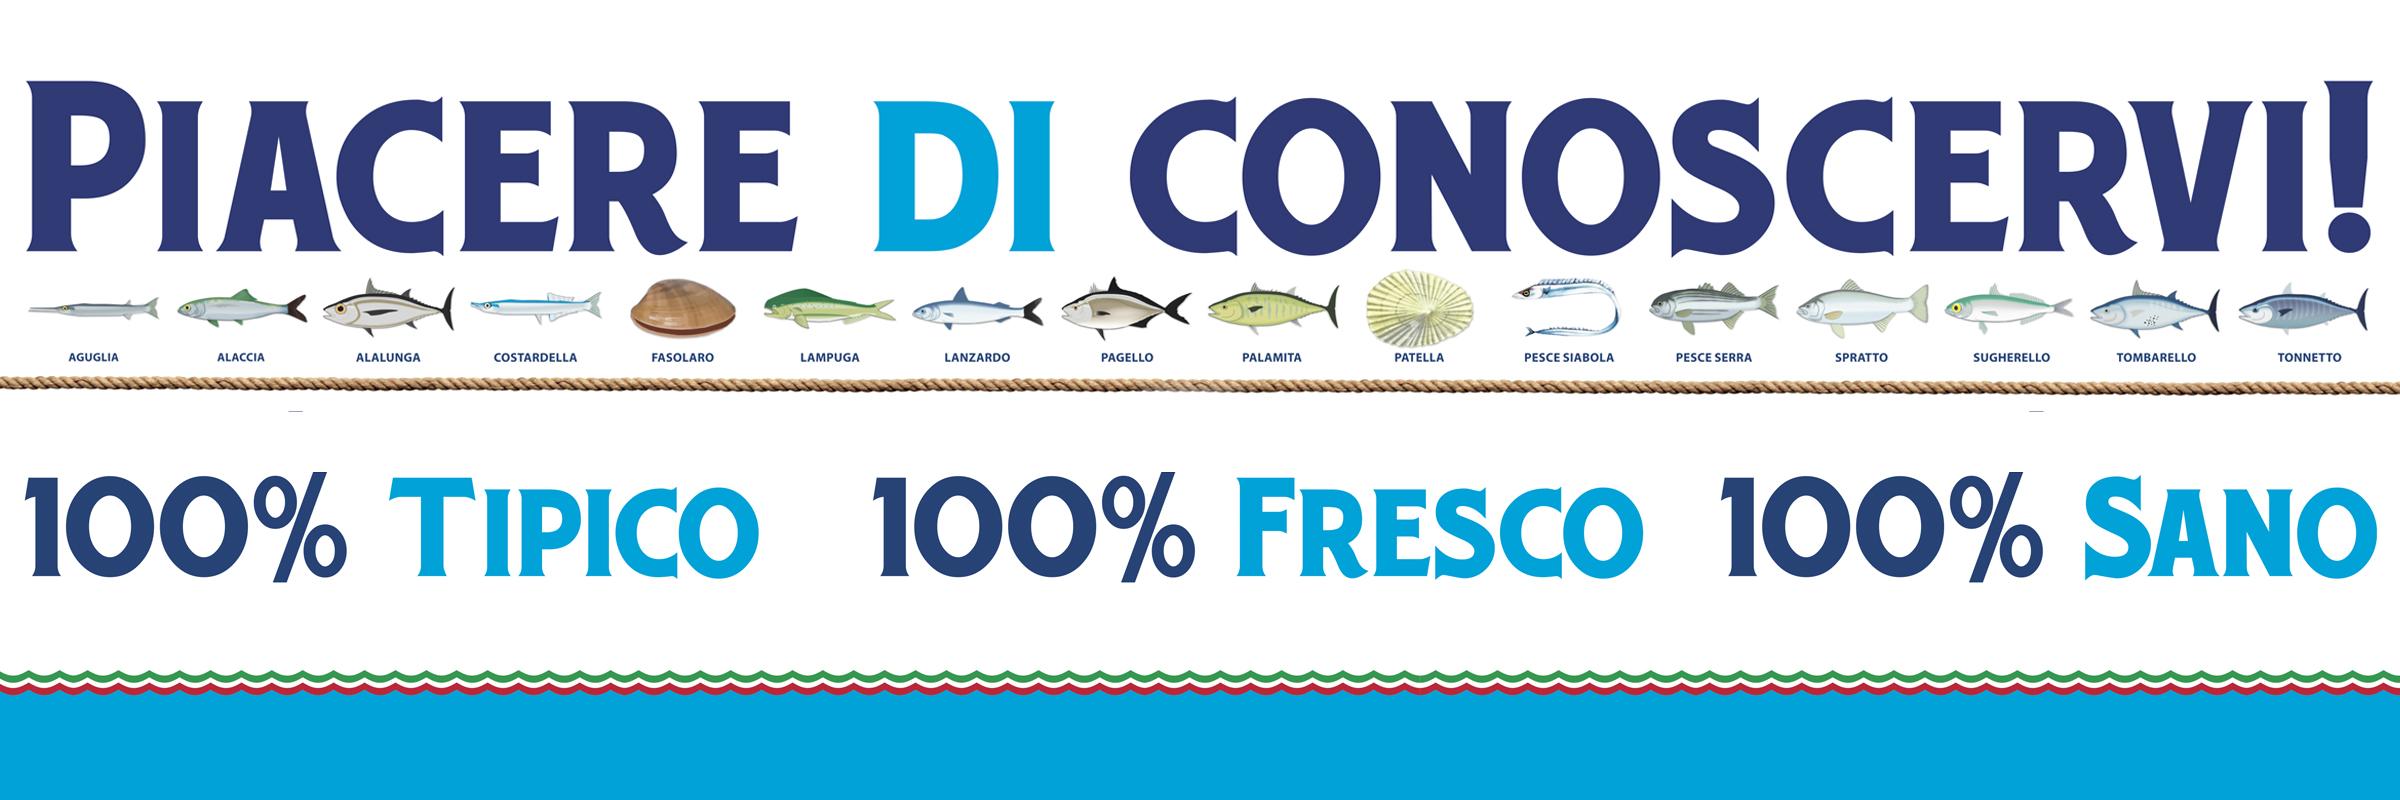 BuonPescato Italiano Studio Nouvelle Salerno Progetti Marketing Ricerca Grafica Web Comunicazione Consulenza Eventi MIPAAF Specie eccedentarie Pesce Buon Pescato Formazione